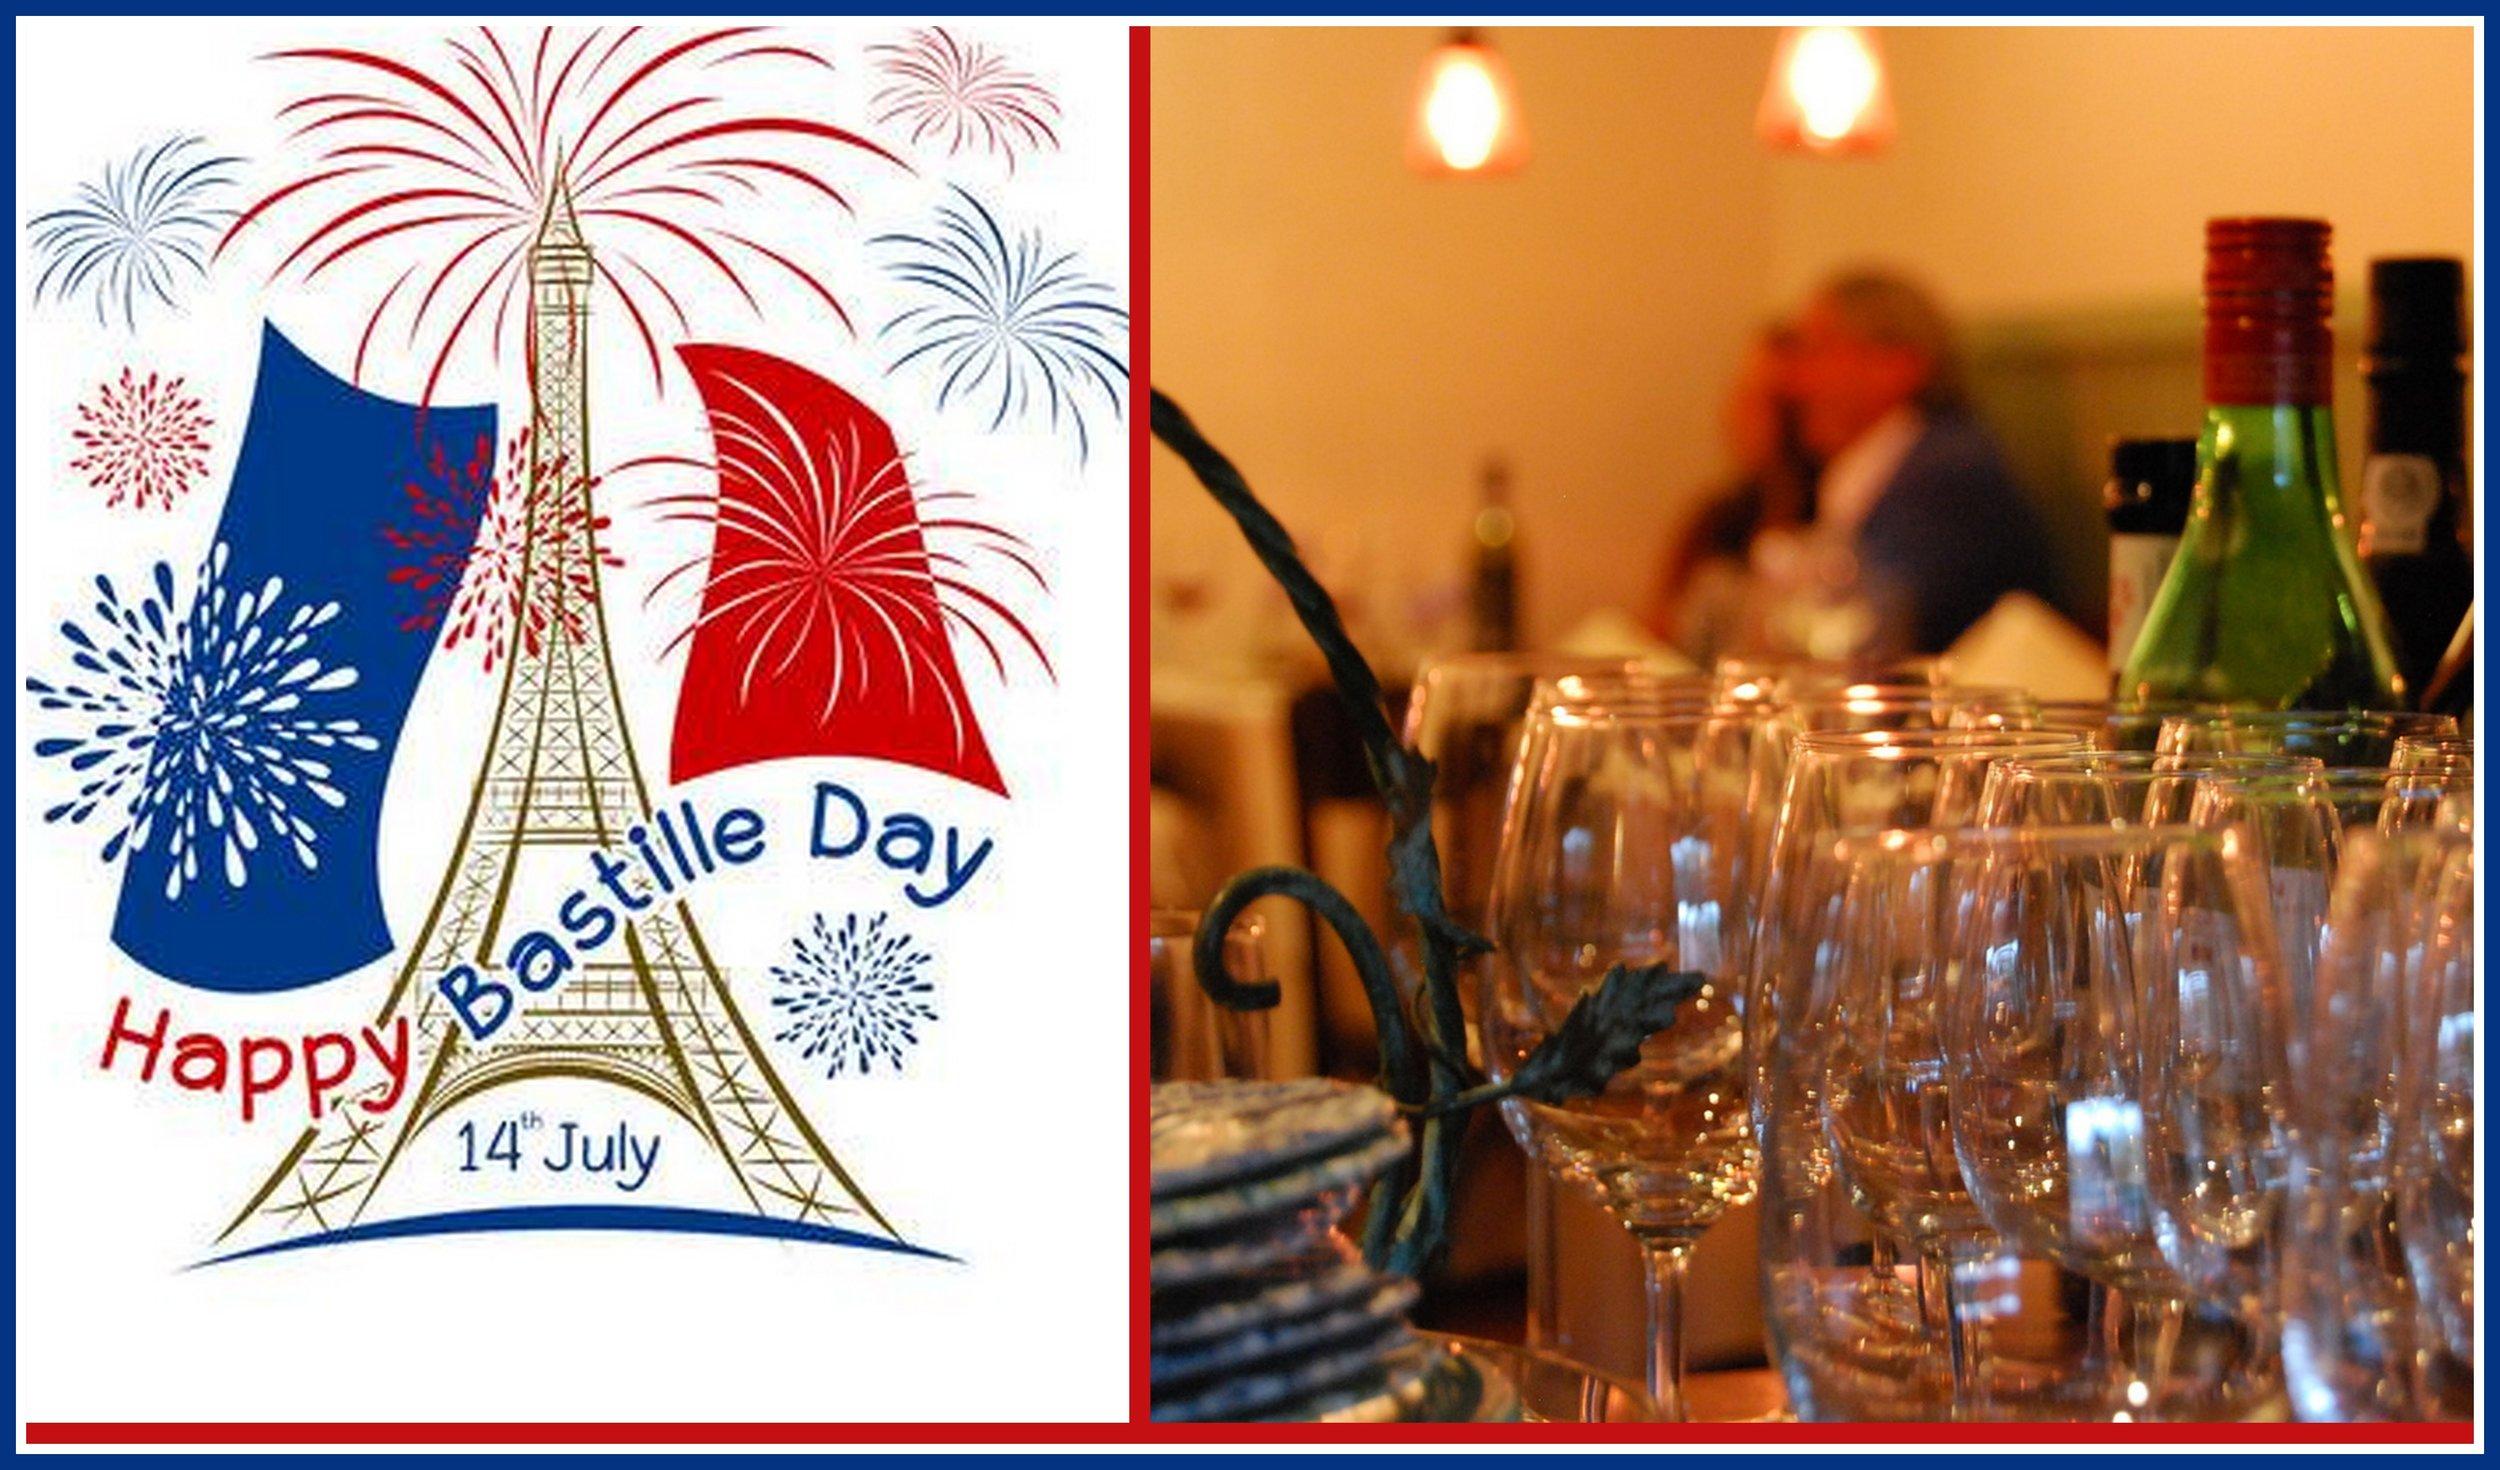 bastille day banner.jpg